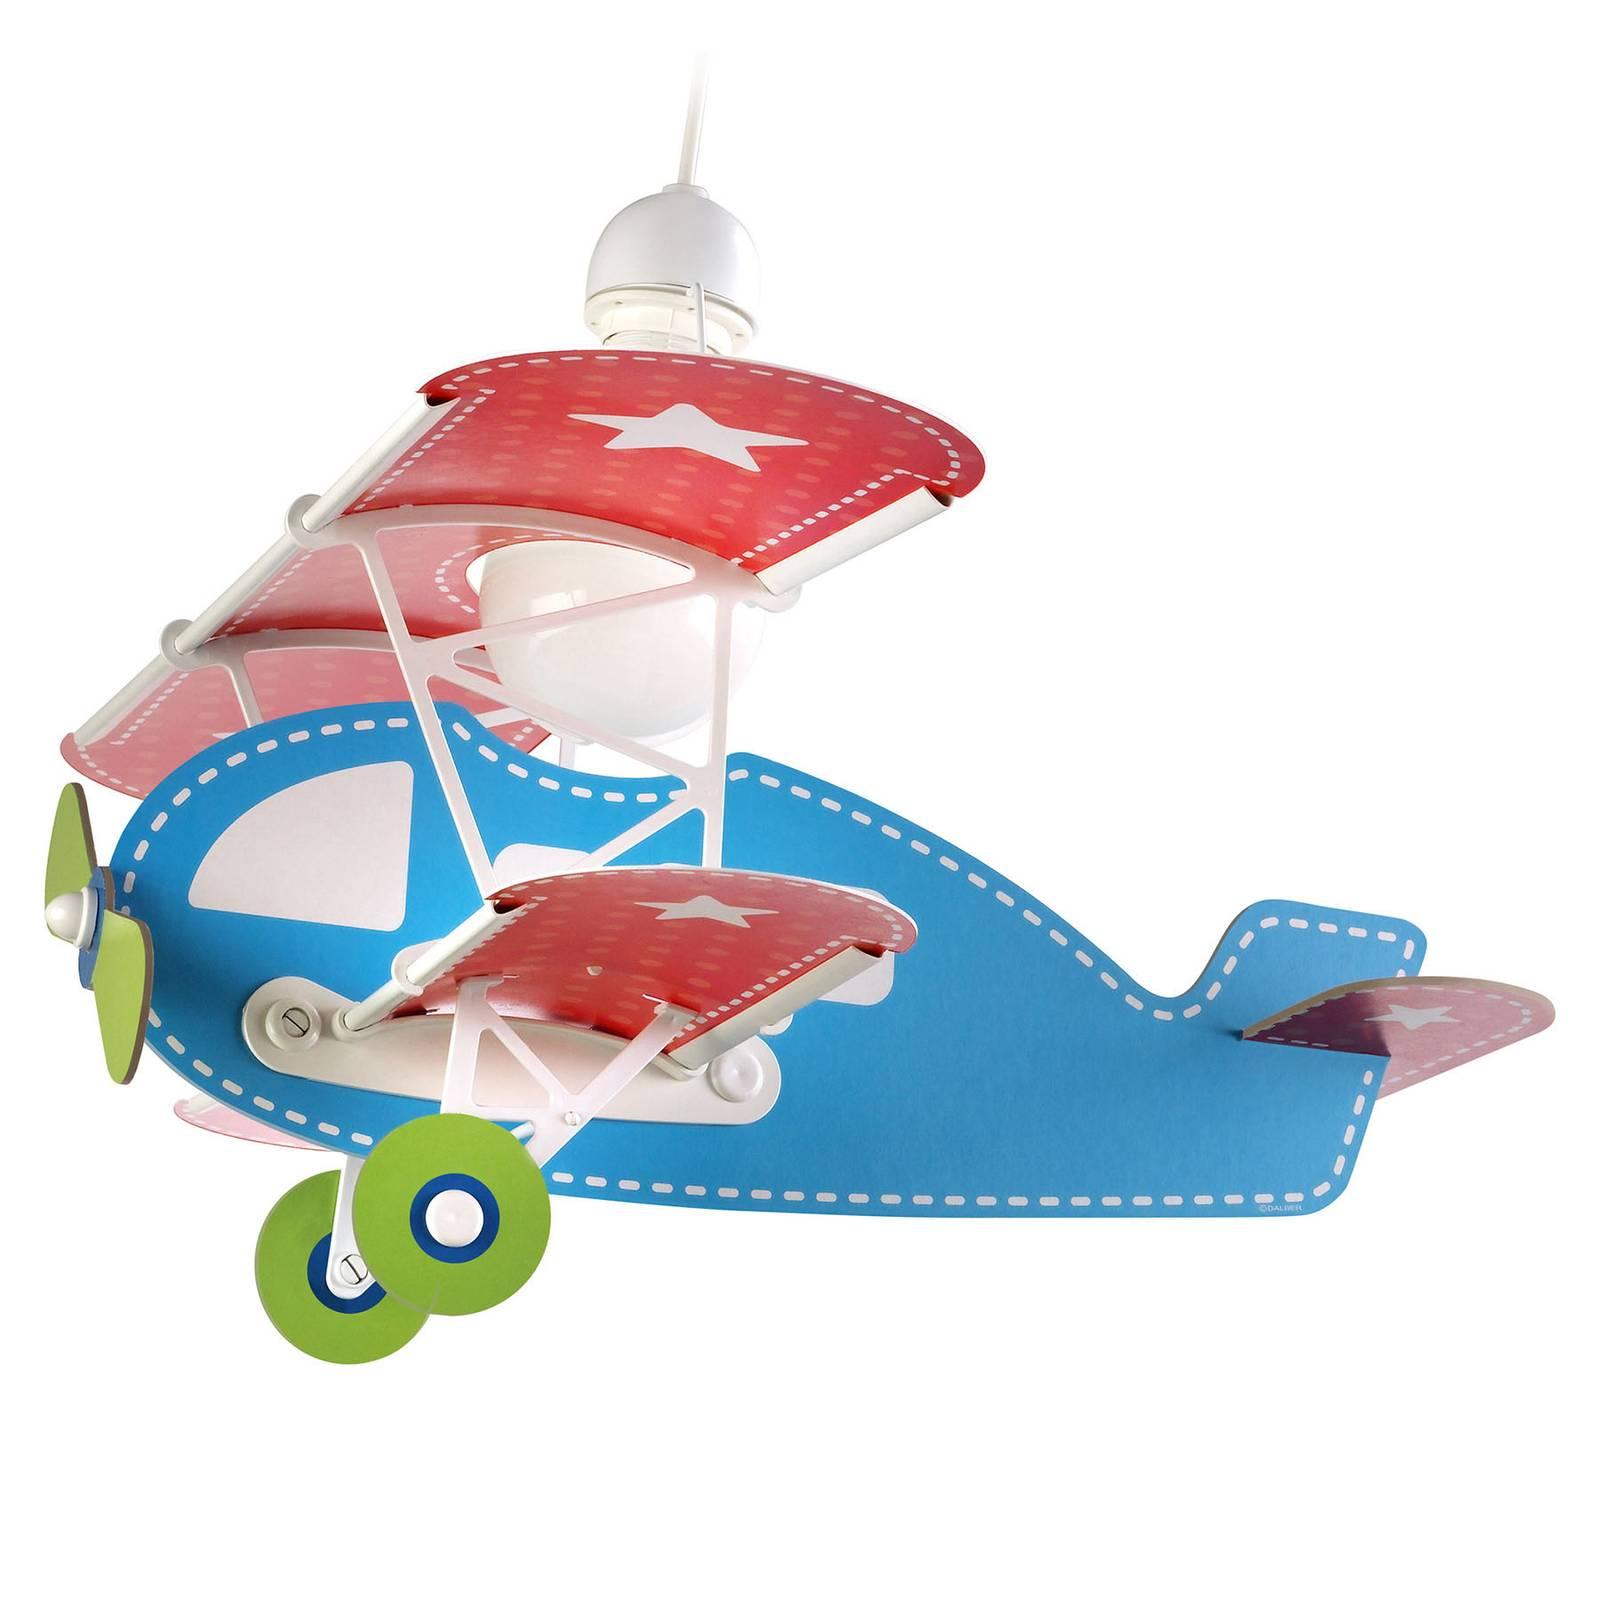 Lastenhuoneen riippuvalaisin Baby Plane, värikäs